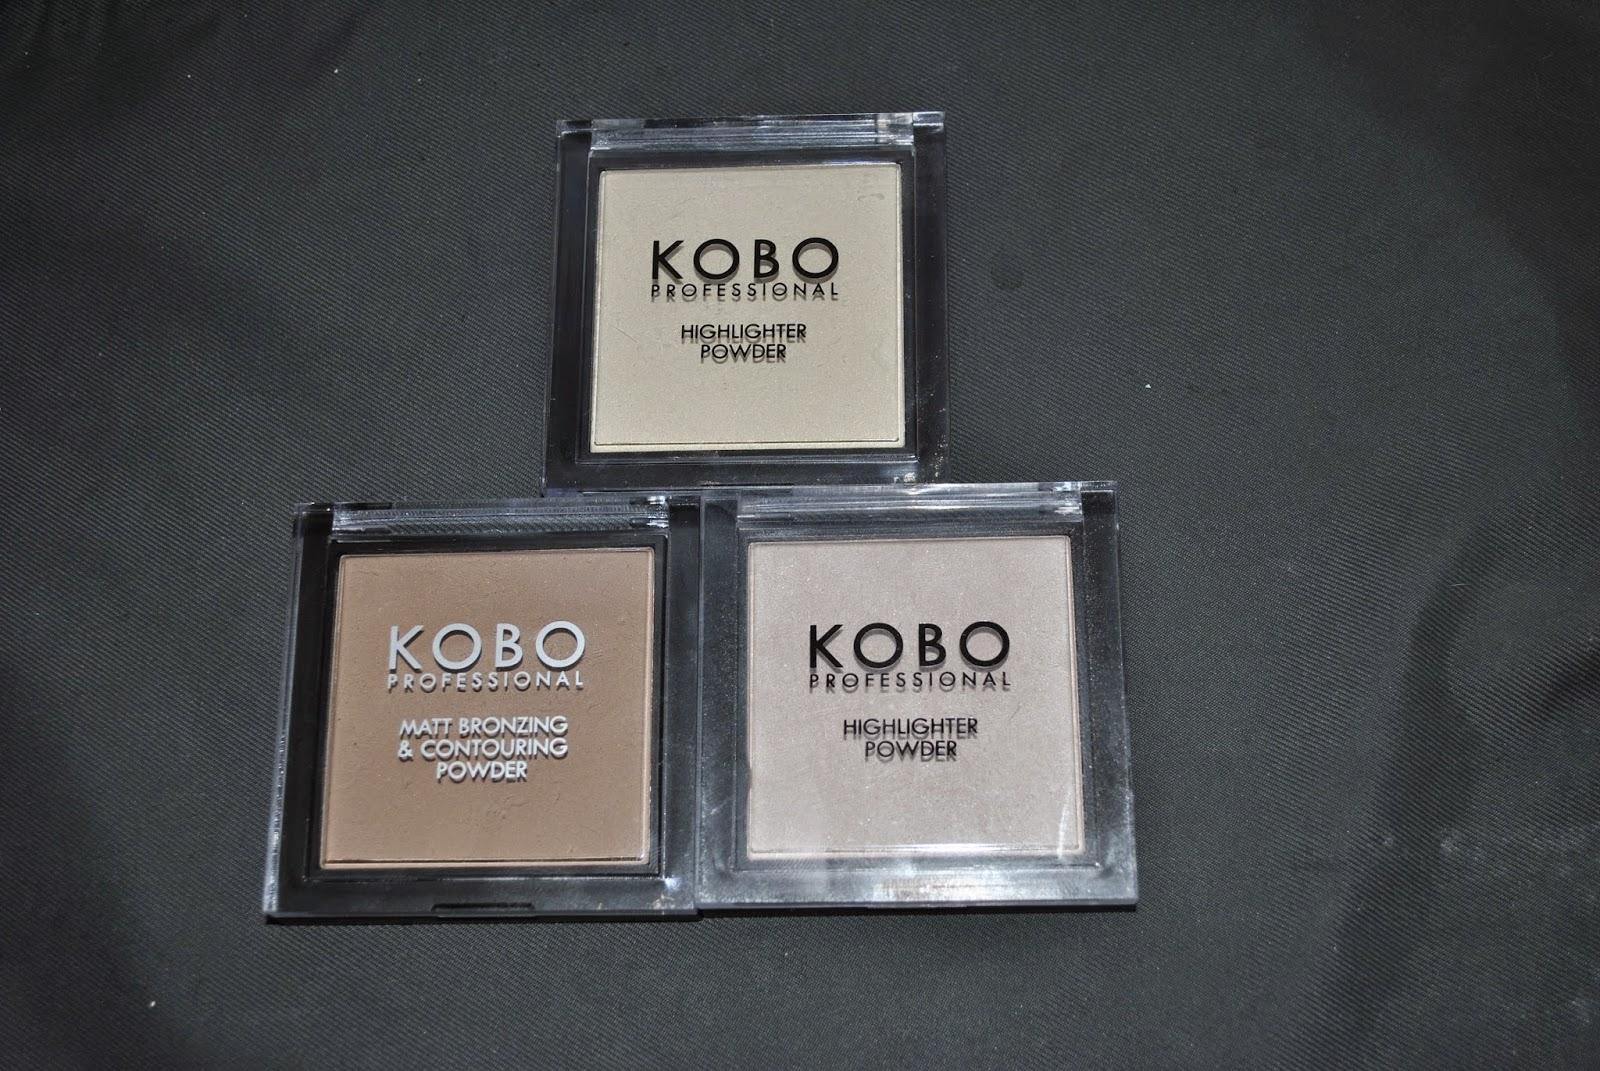 KOBO PROFESSIONAL - Idealny zestaw do konturowania